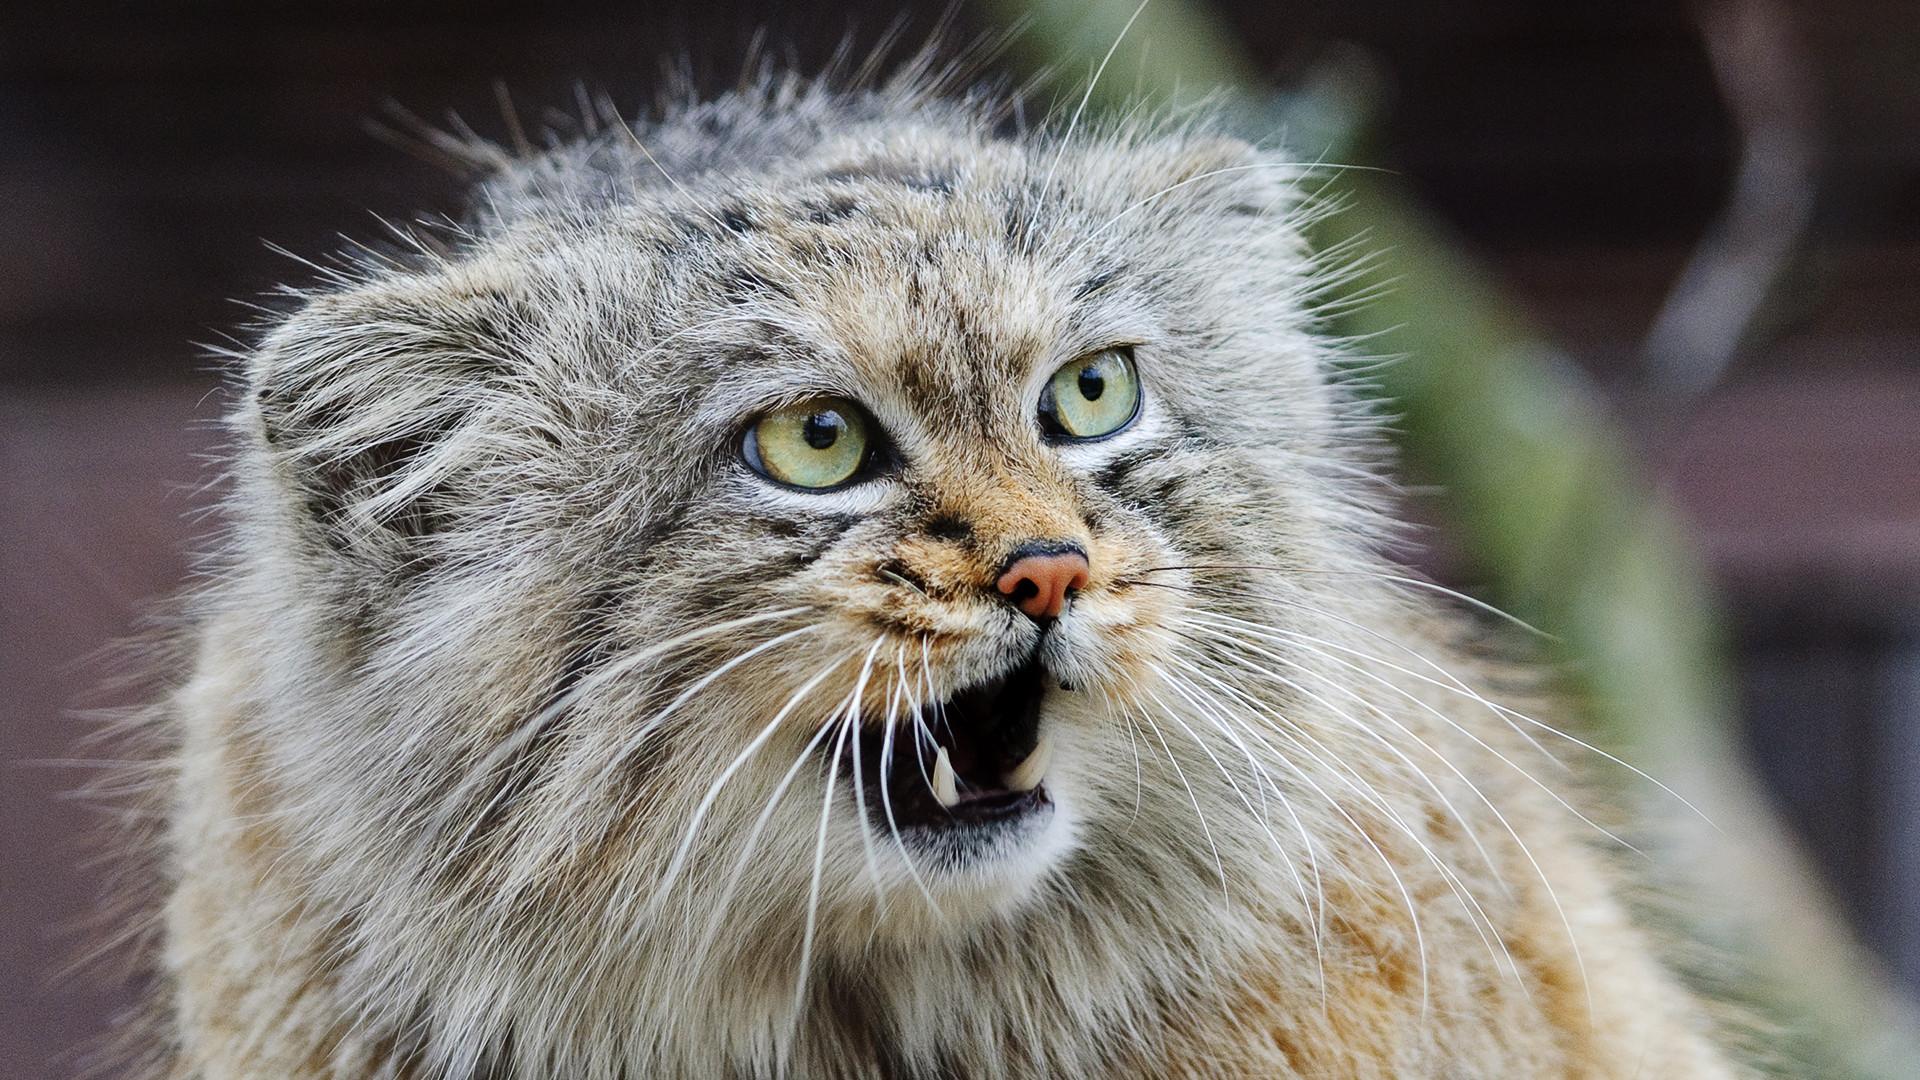 Ces huit chats sauvages russes que vous devriez tout prix viter russia beyond fr - Divi builder 2 0 7 ...